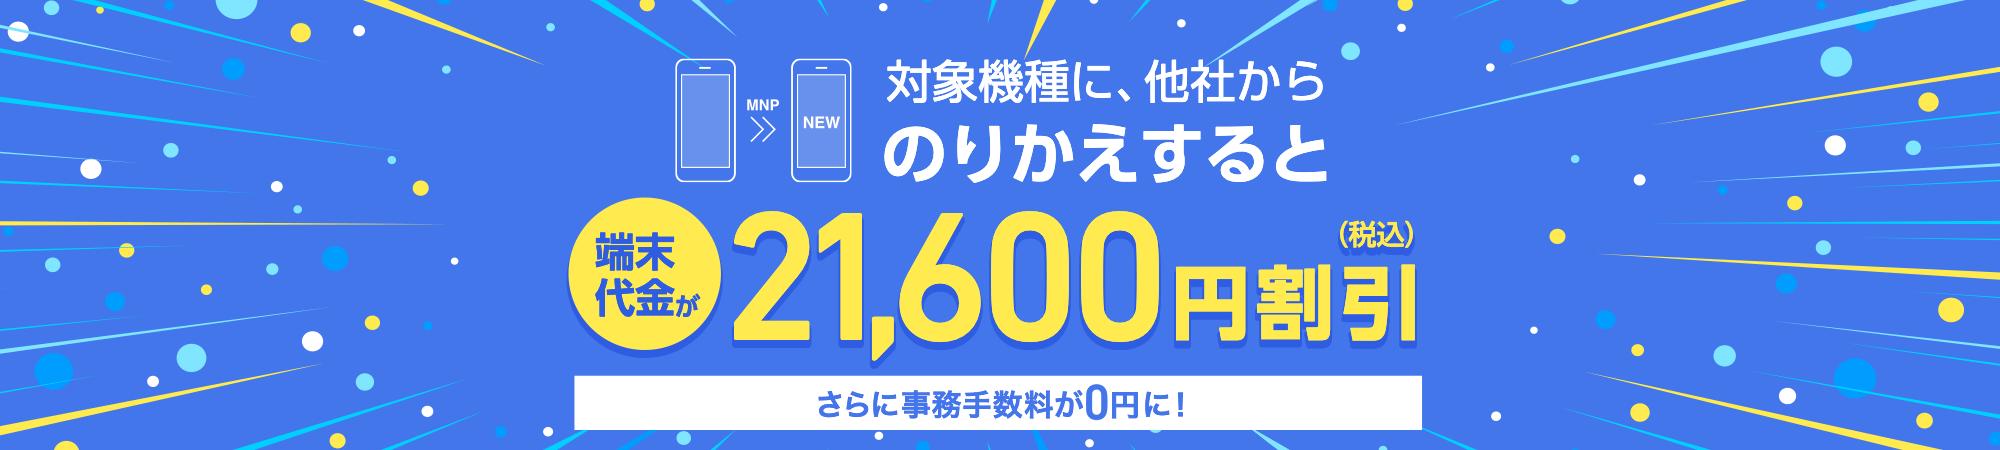 【オンライン限定】web割